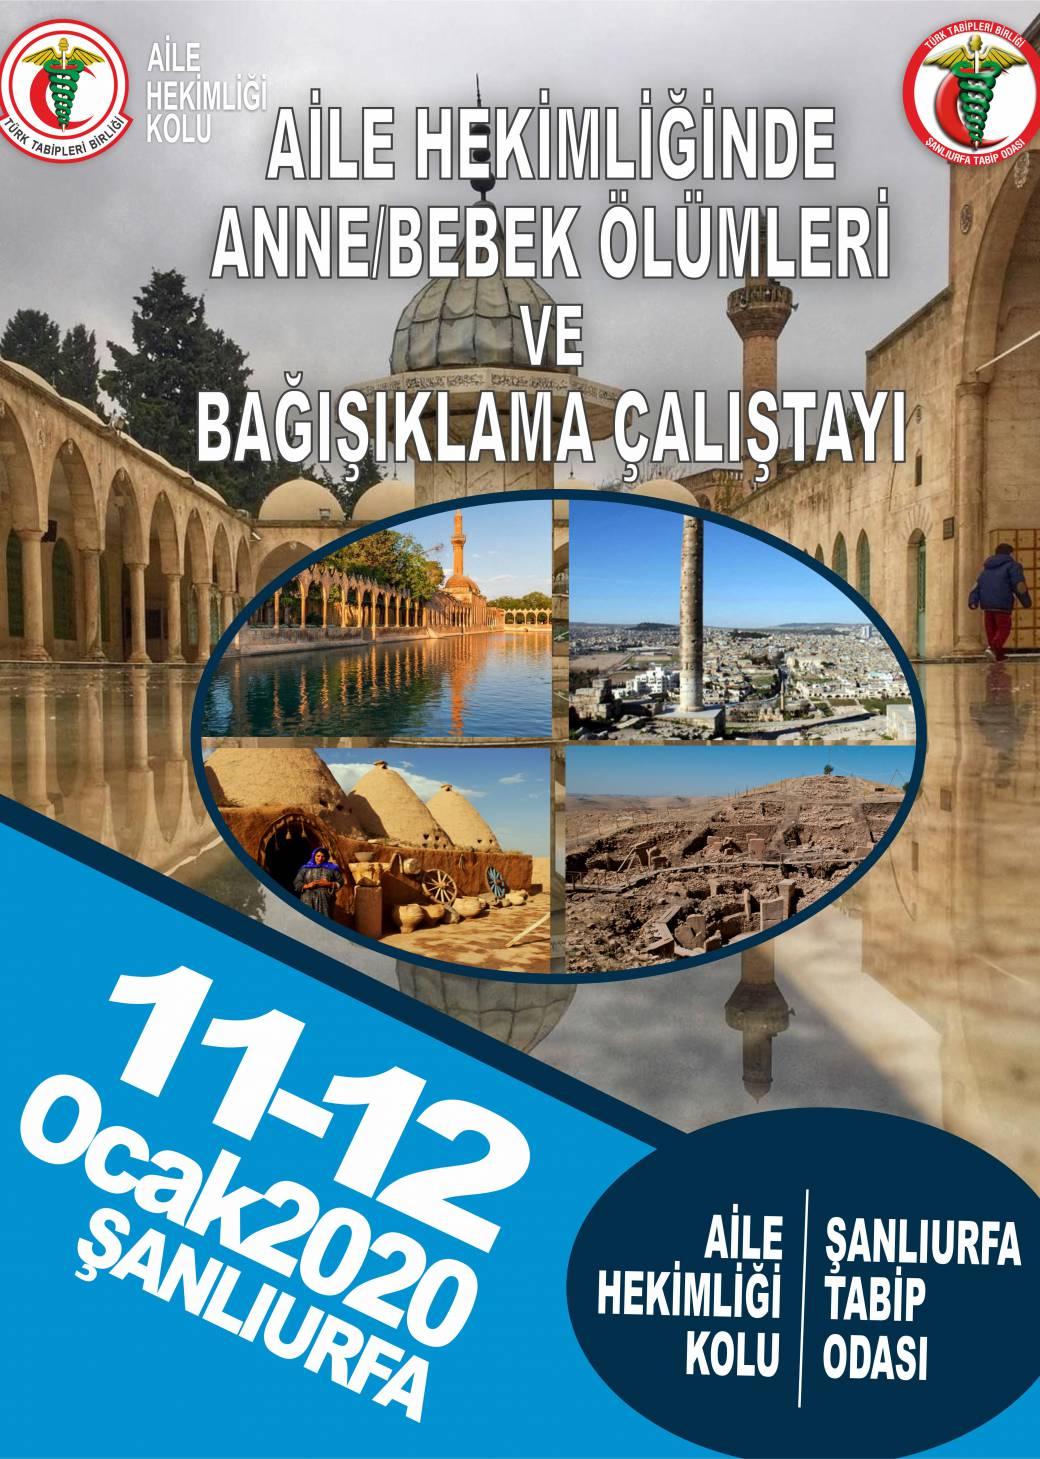 11-12 Ocak 2020 Tarihinde Şanlıurfa'da 'AİLE HEKİMLİĞİNDE ANNE/BEBEK ÖLÜMLERİ VE BAĞIŞIKLAMA' Çalıştayı Yapılacaktır.